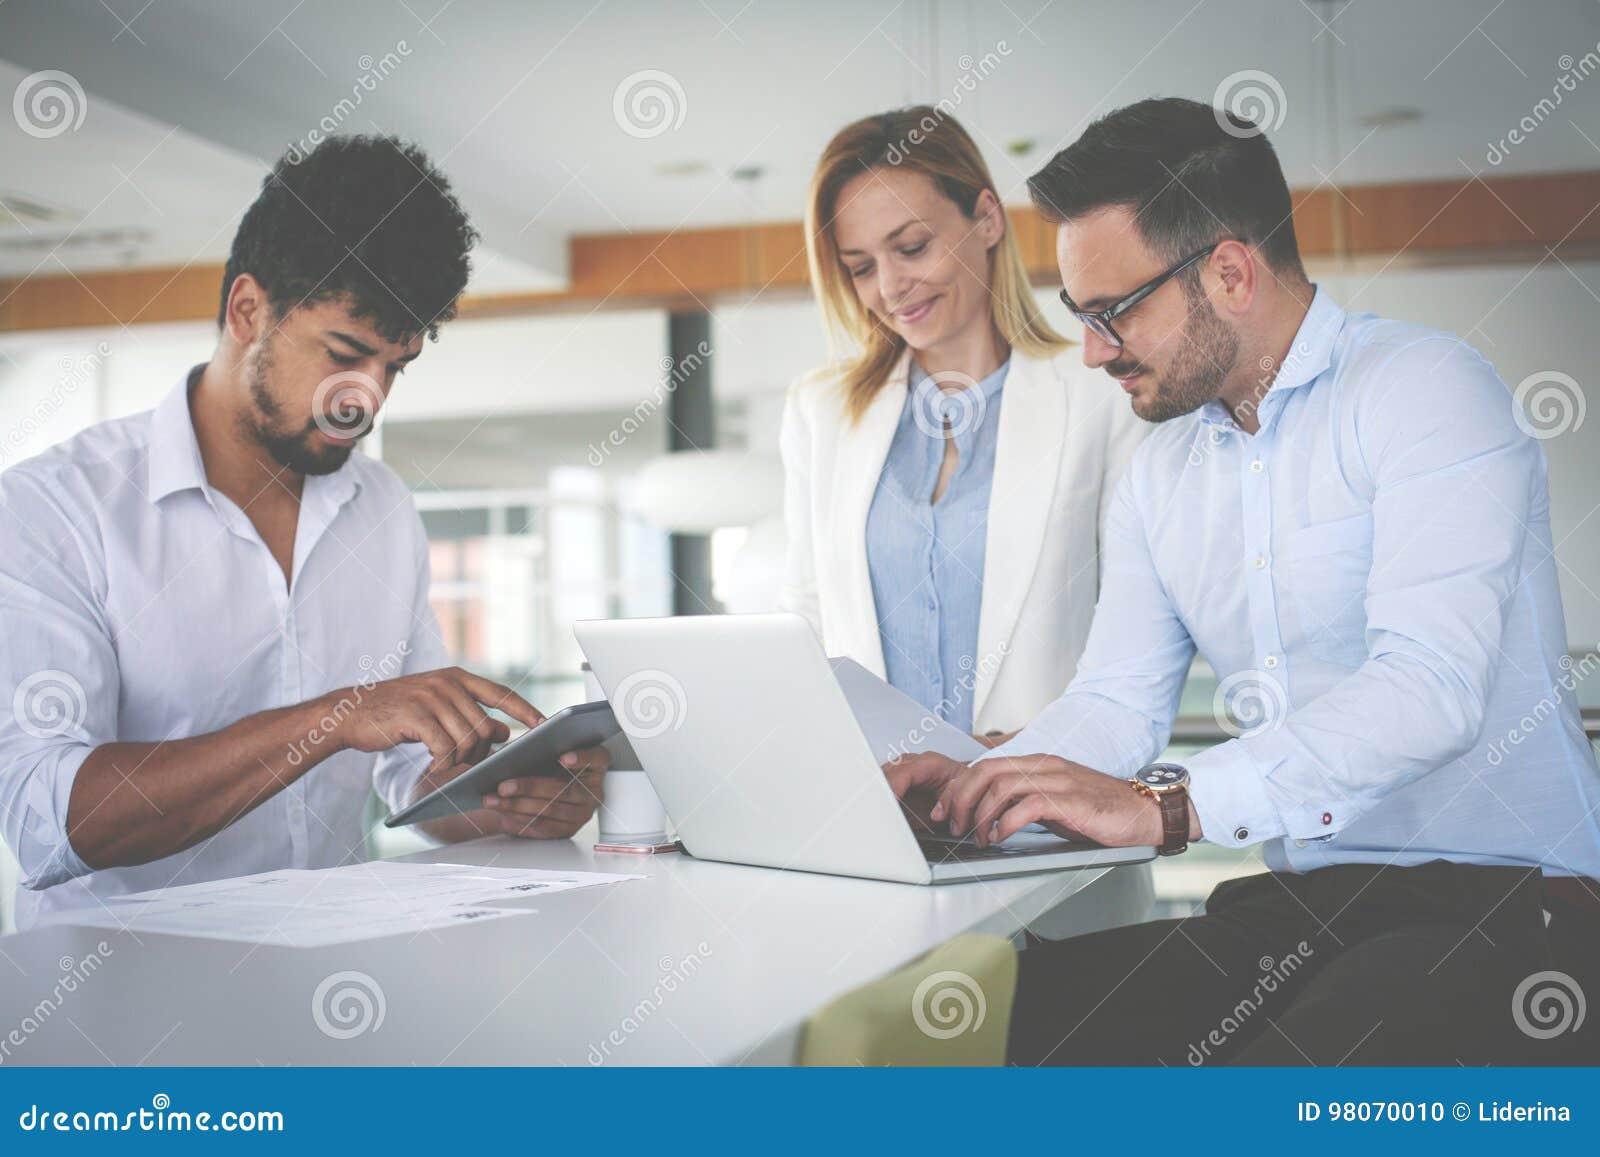 Hombres De Negocios Que Usan Tecnologa Y Comprobando El